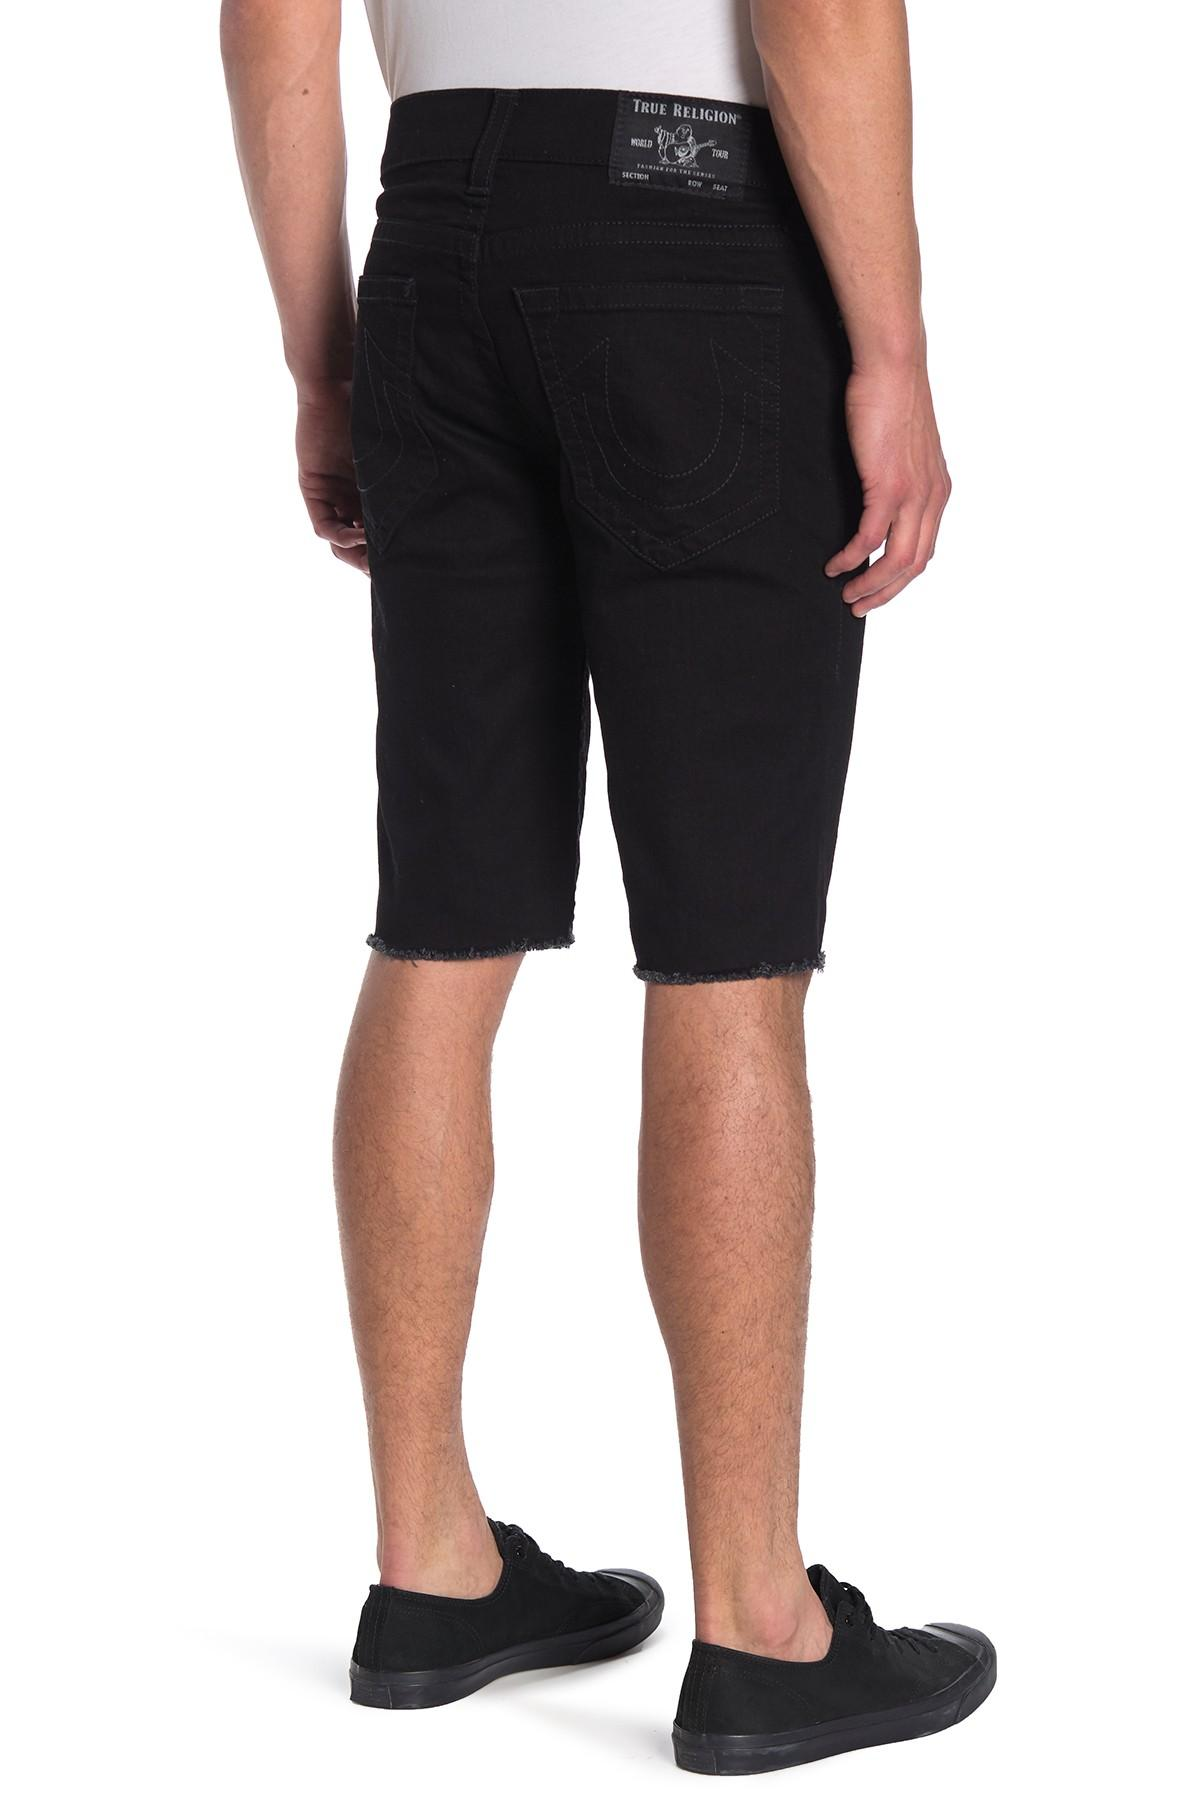 9d5d63b17 True Religion - Black Ricky Core Frayed Denim Shorts for Men - Lyst. View  fullscreen